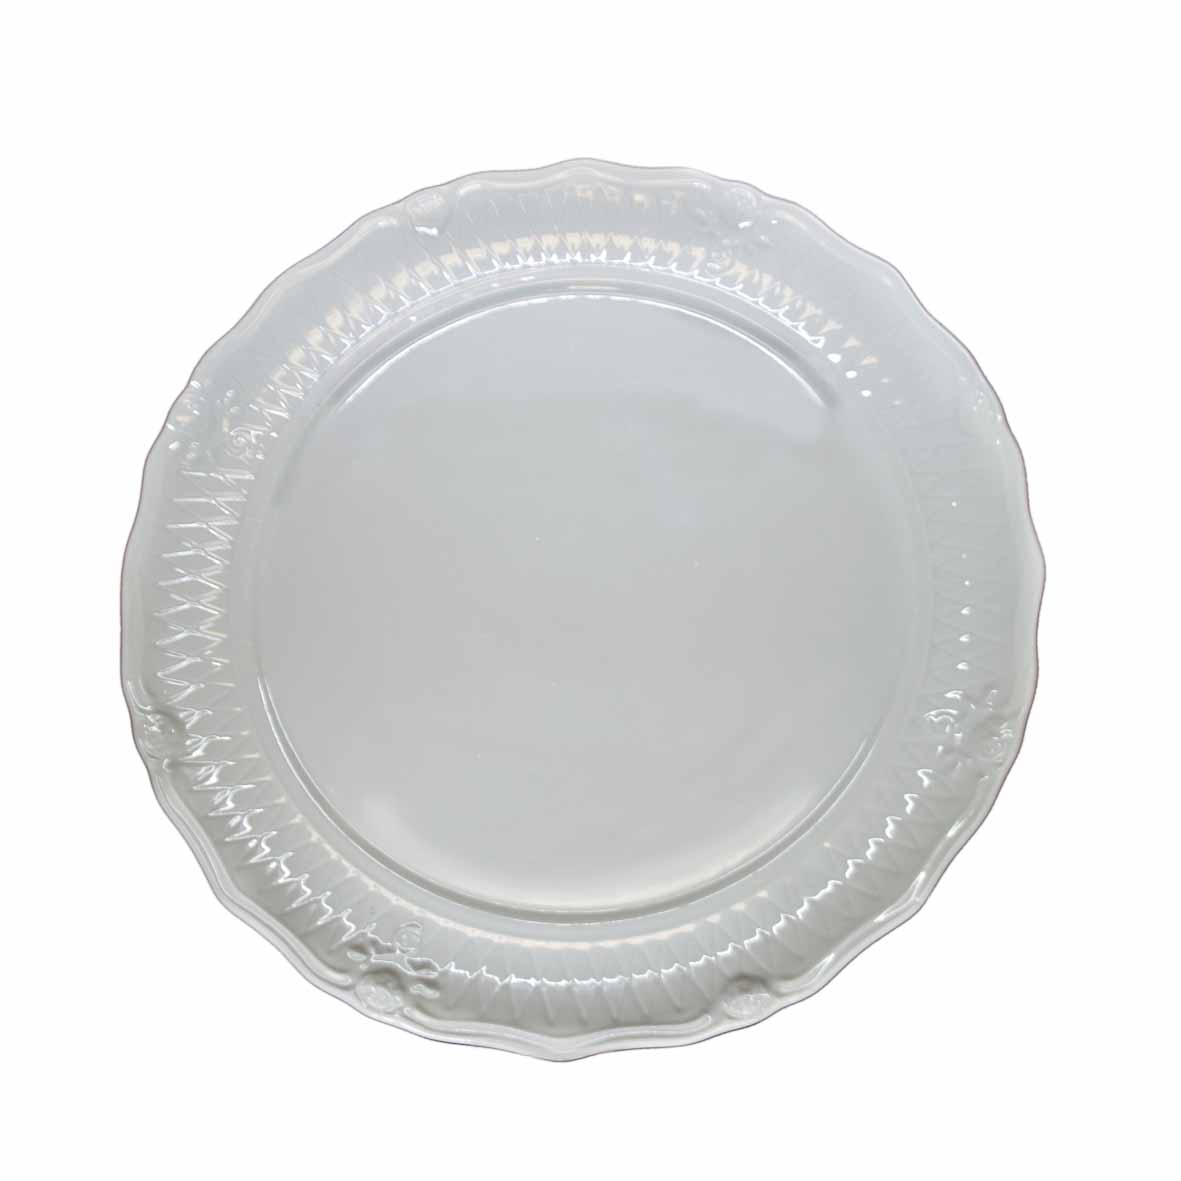 Travessa de Porcelana Redonda Rasa Borda Flor 48x4